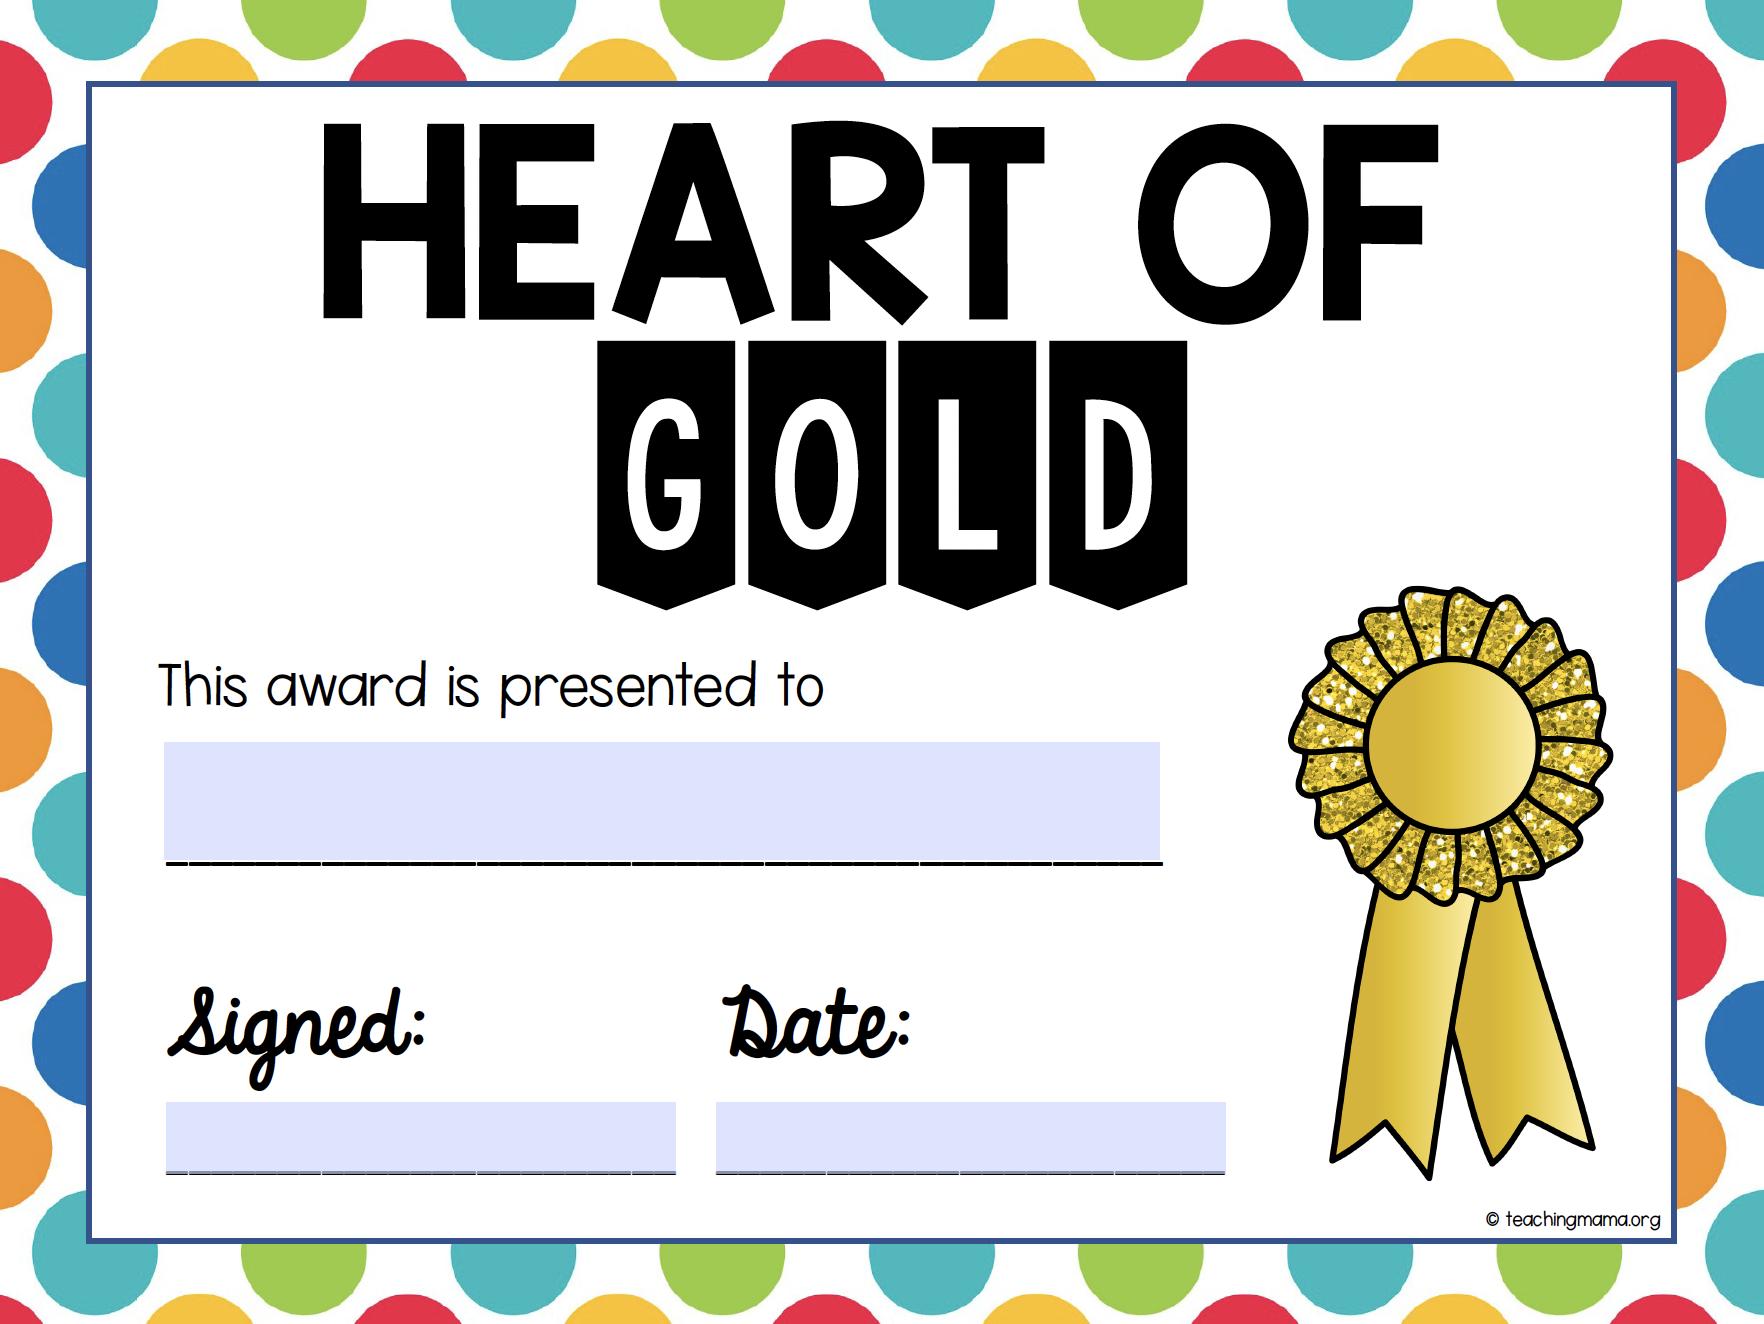 heart of gold class award